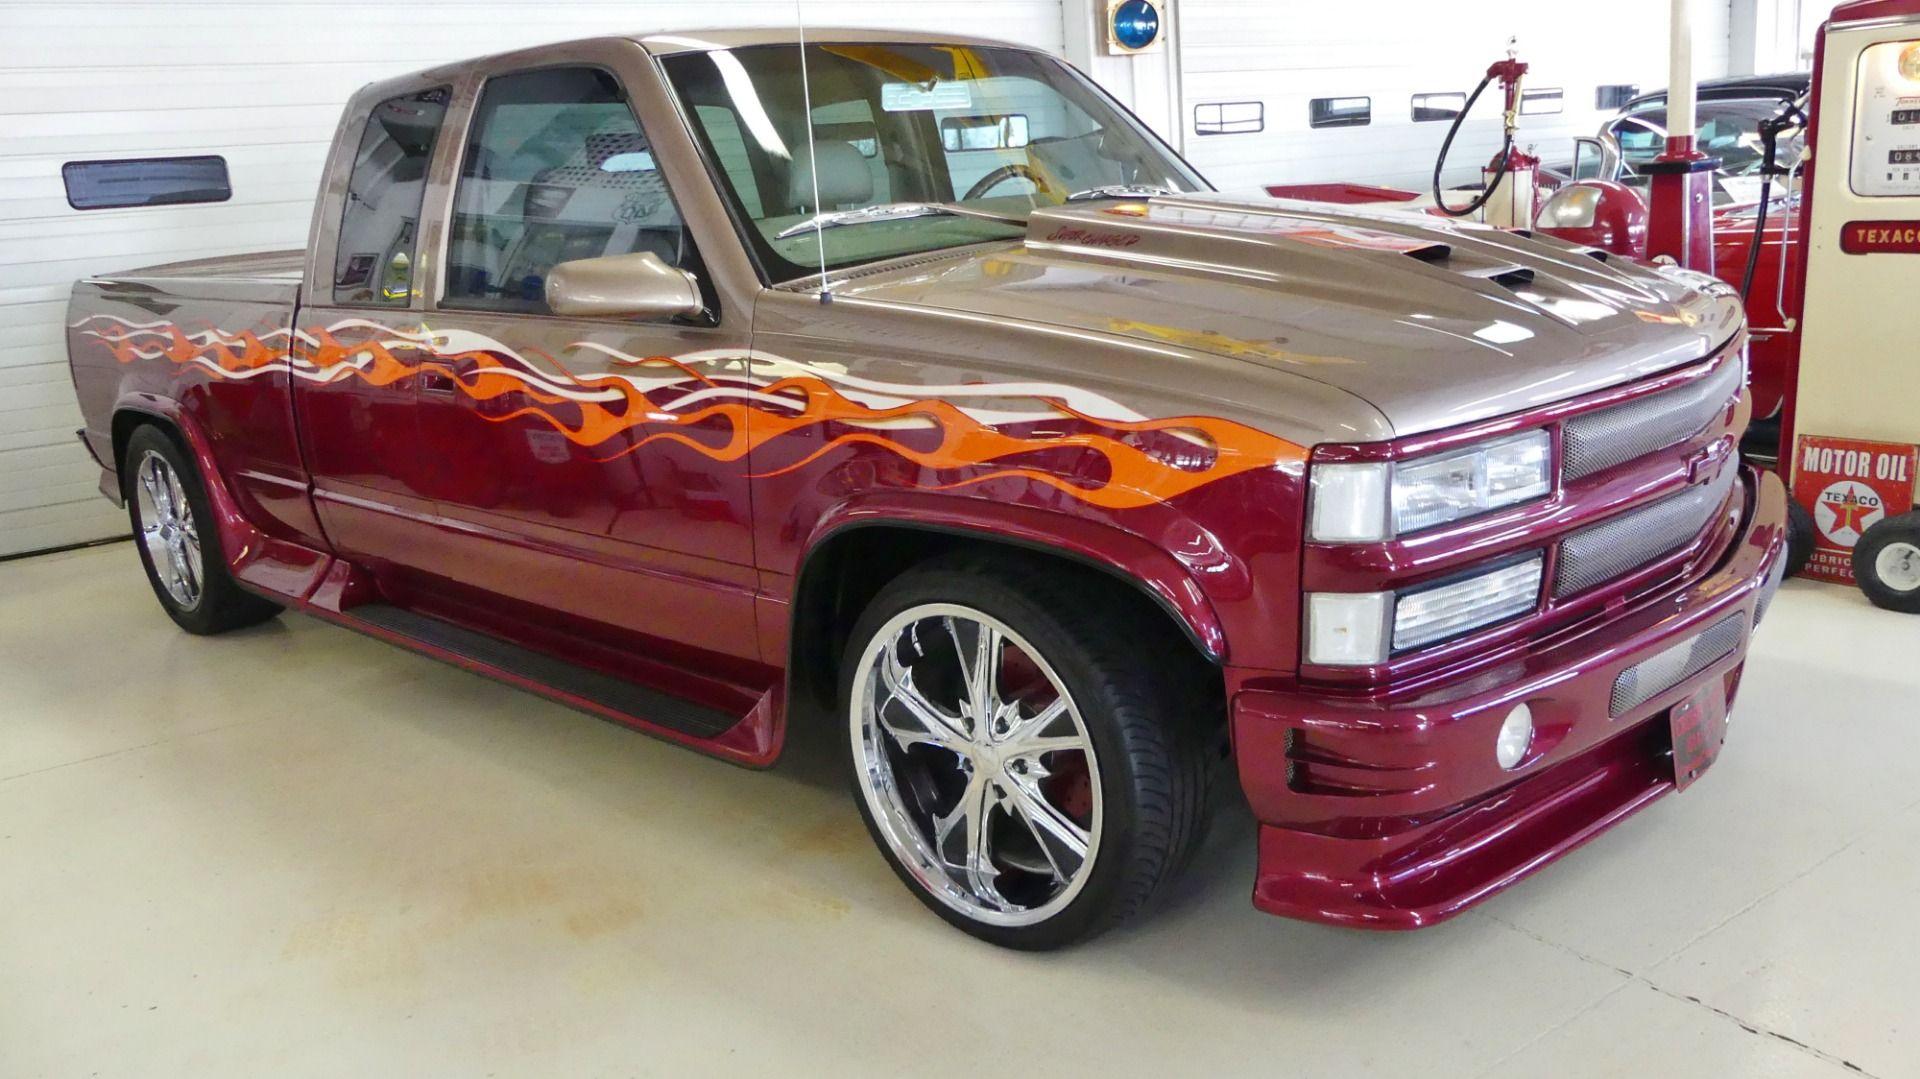 Used 1997 Chevrolet Silverado Extended Cab C1500 Silverado